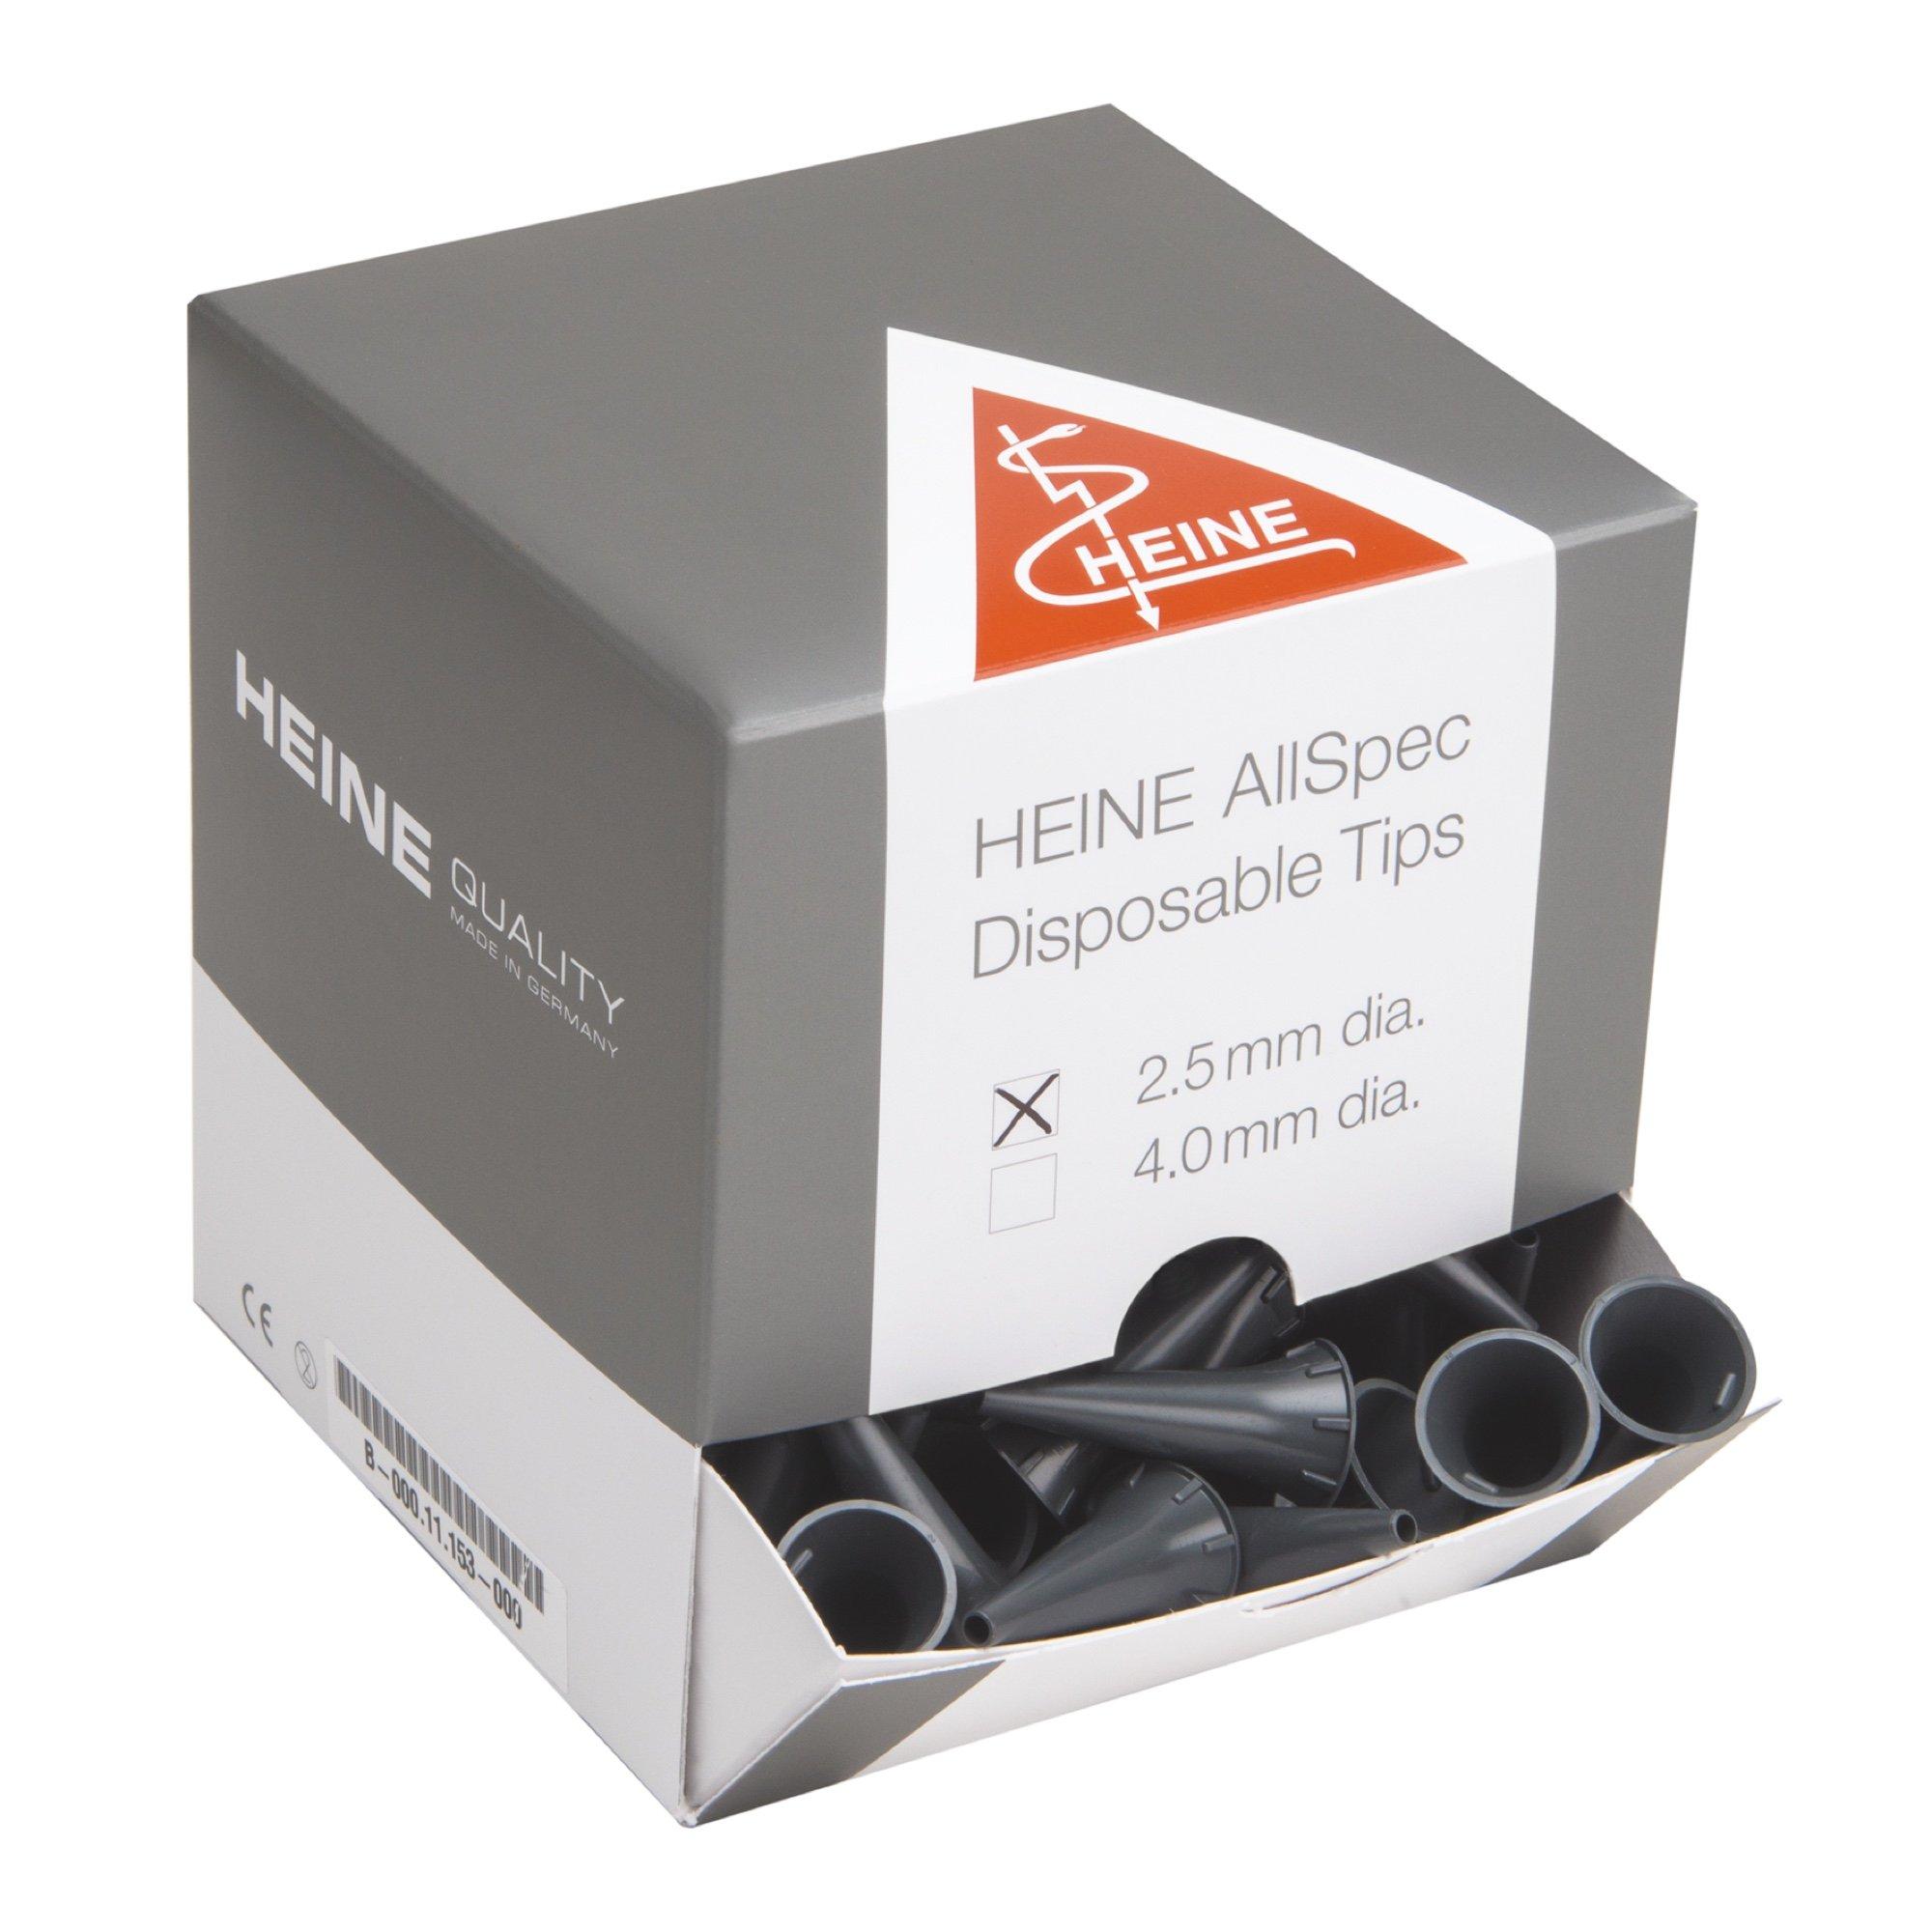 2.5mm Disposable tips dispenser pack for HEINE BETA 200/K180/mini3000 (Pk/250)